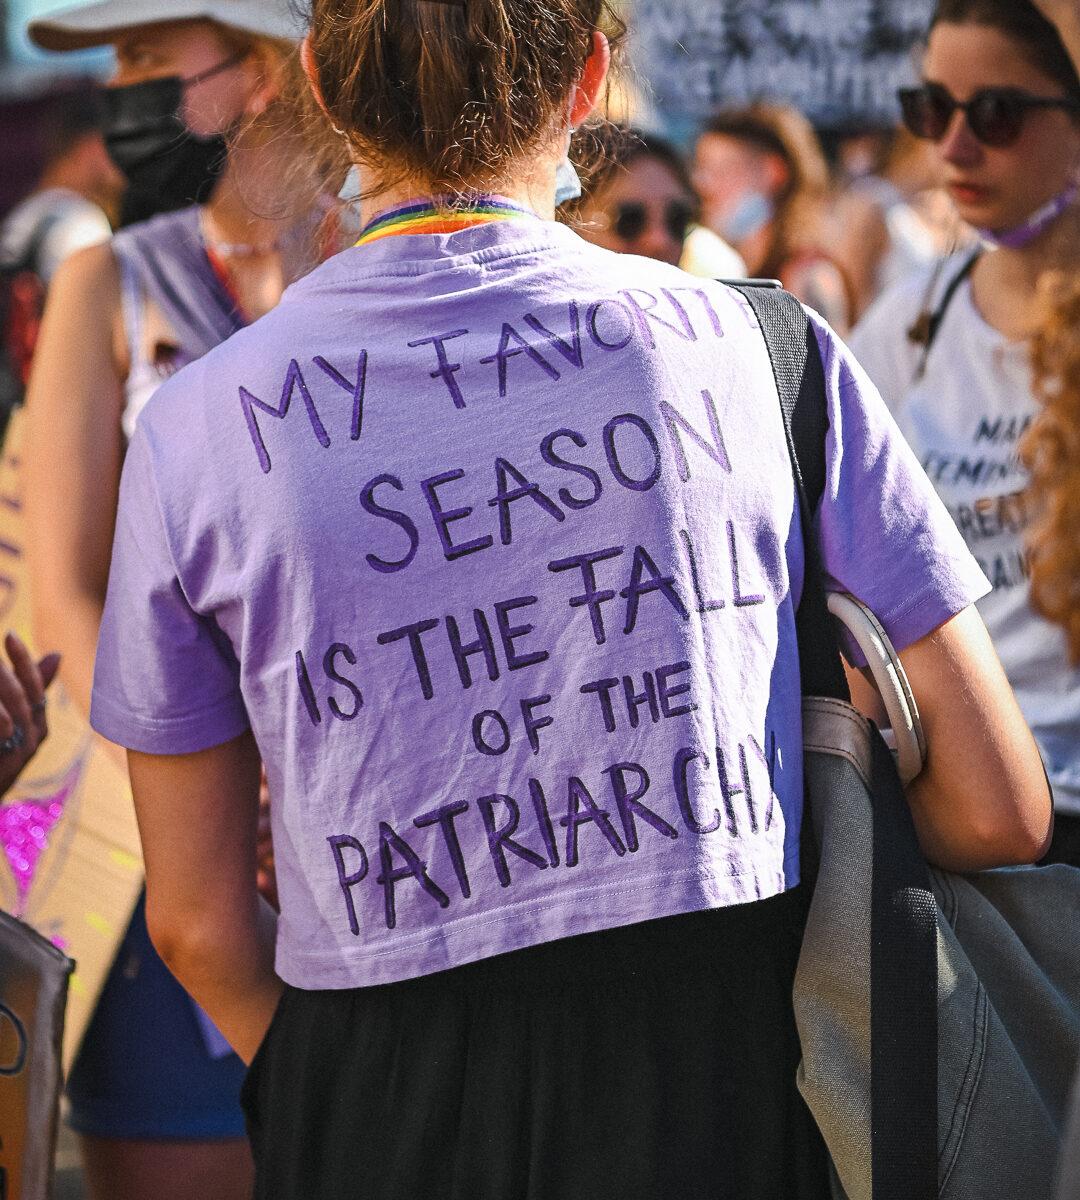 """Foto fon der Demonstraton am 14.6. eine Person wurde von hinten fotografiert, auf ihr violettes Shirt hat sie folgendes geschrieben. """"My favorit Sason is the Fall of the Patriarchy"""""""